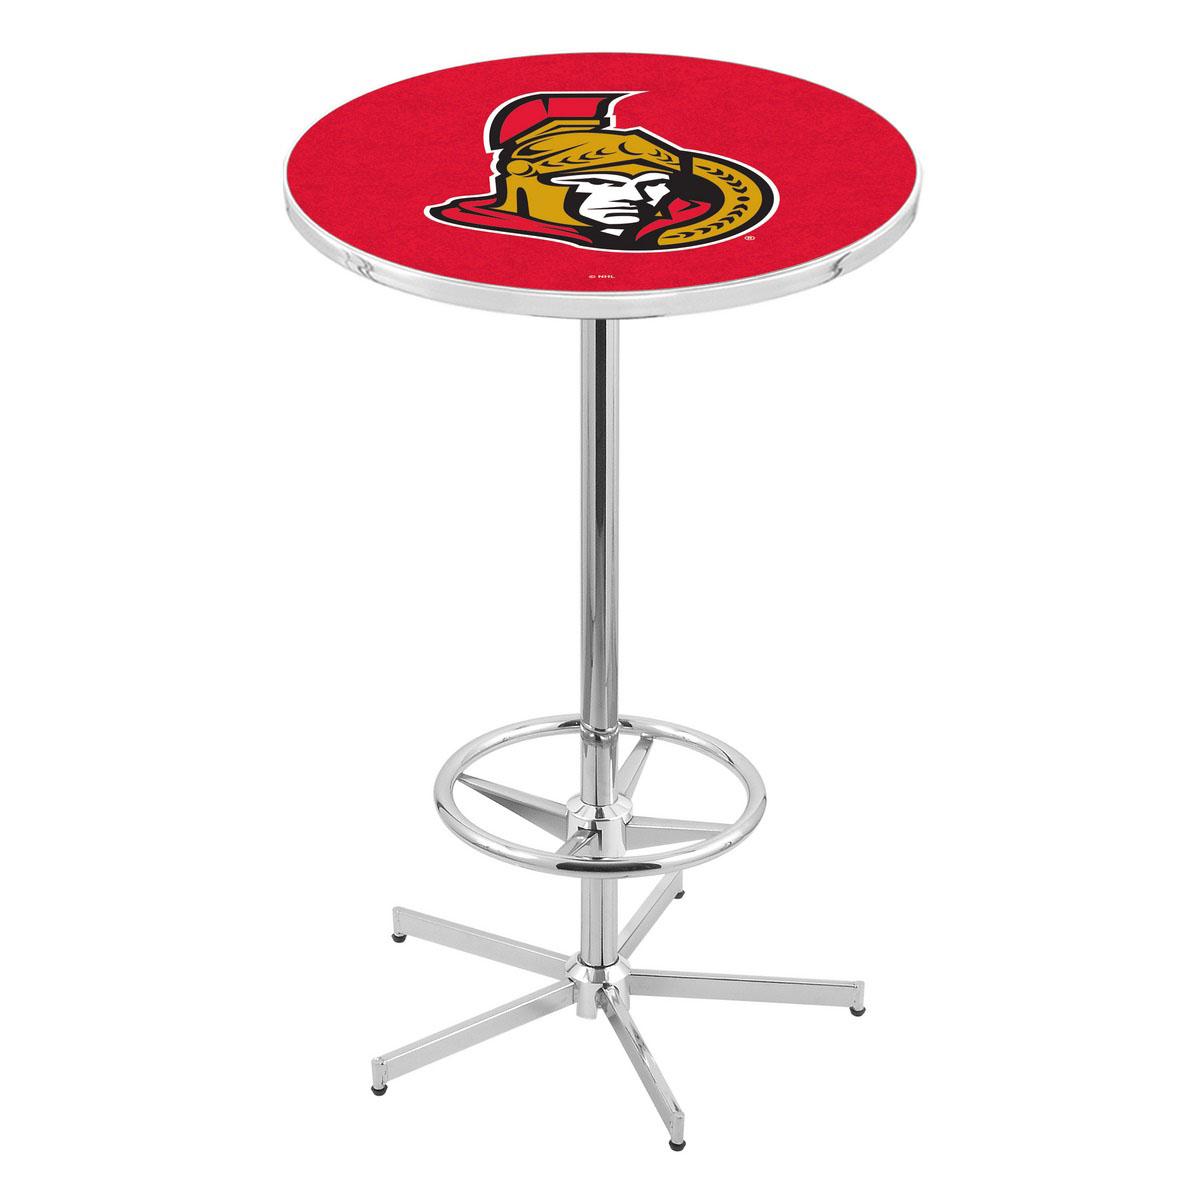 Remarkable Chrome Ottawa Senators Pub Table Product Photo